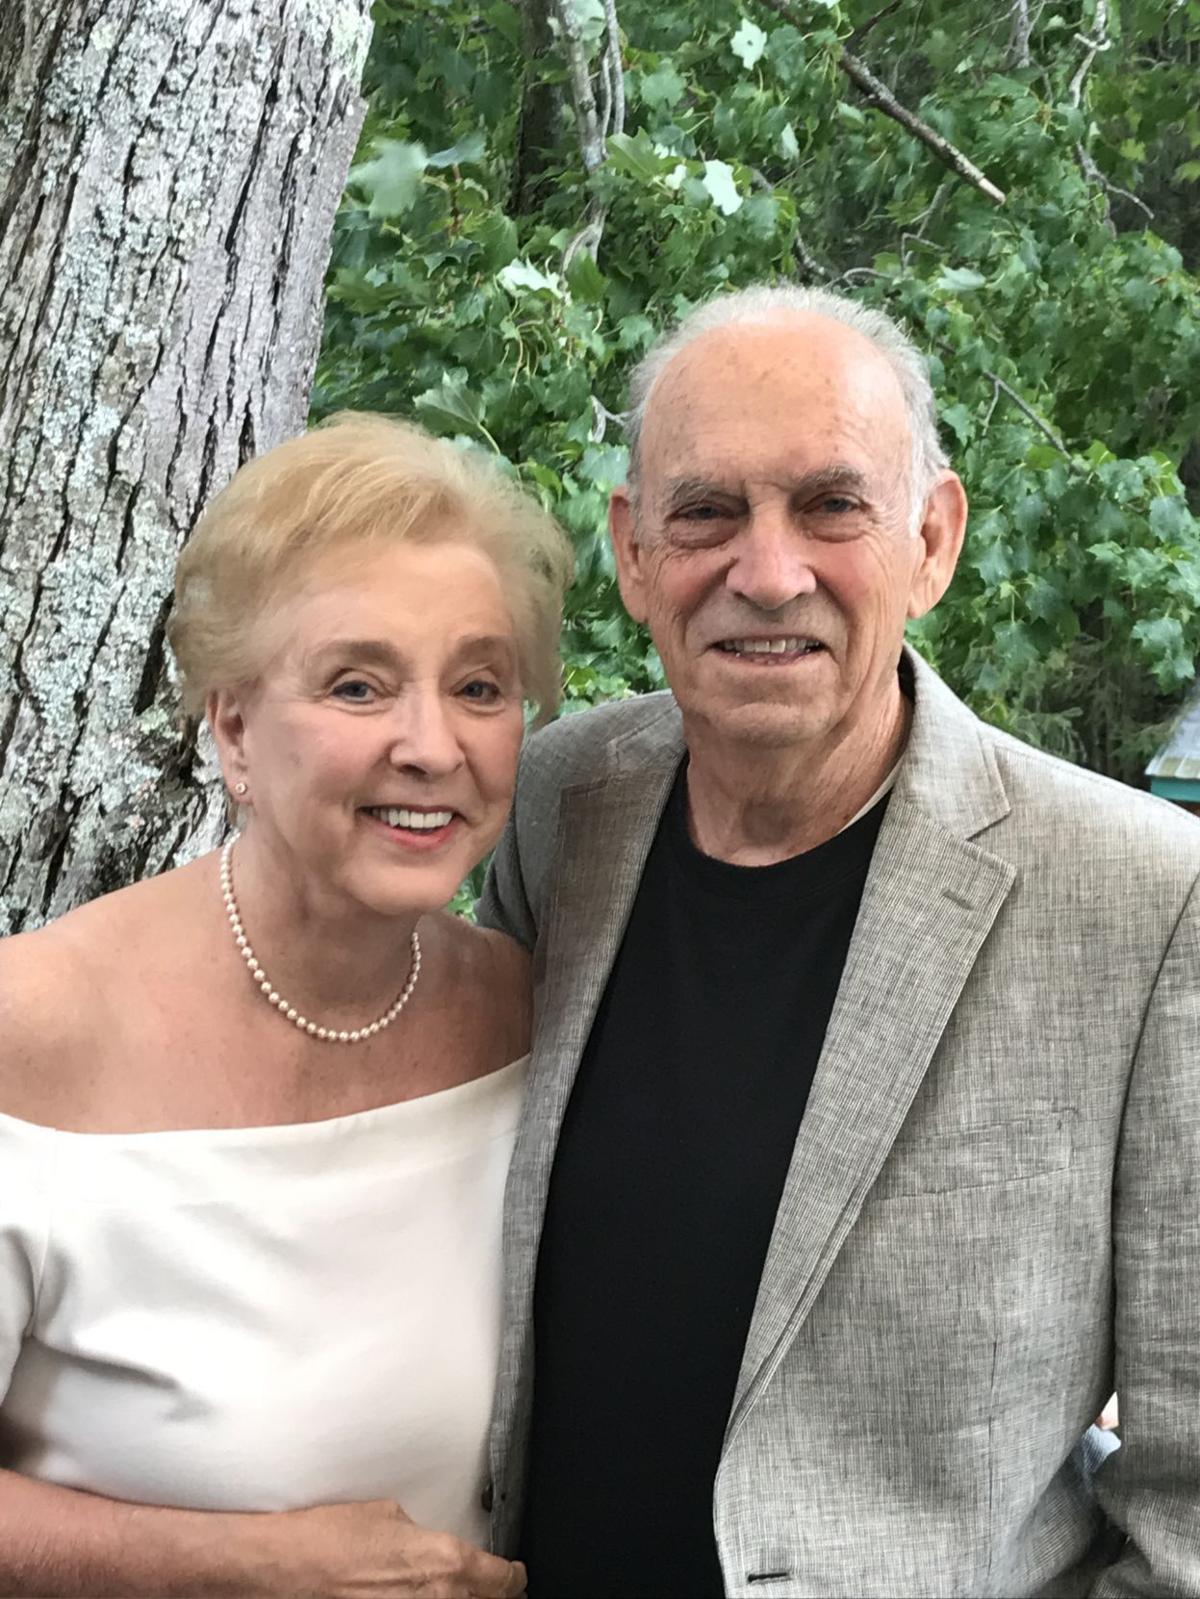 Della and Jack Sheppard